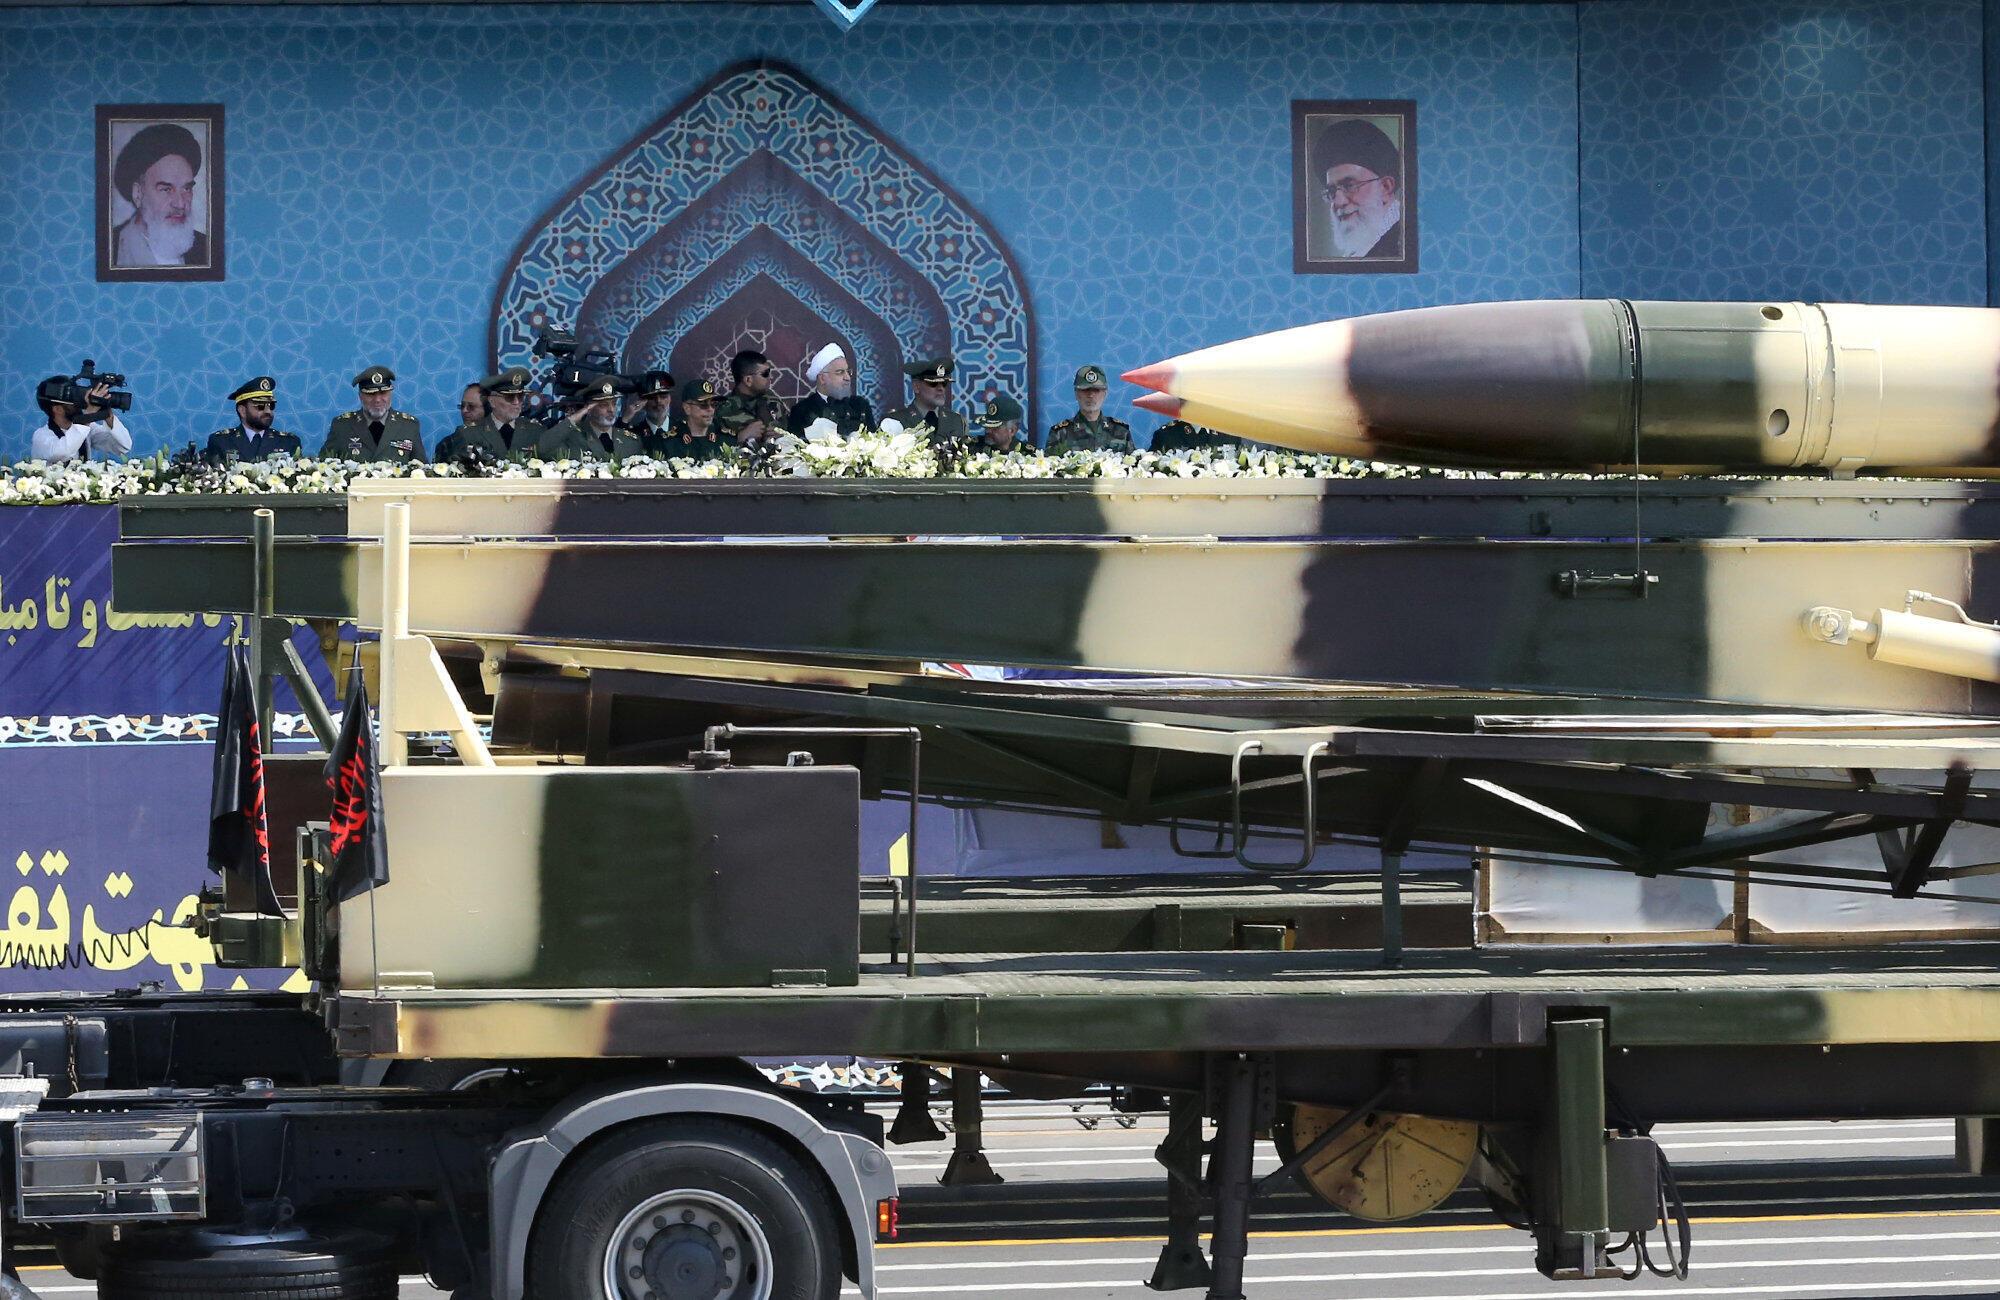 Tên lửa Iran trong cuộc diễu binh ngày 22/09/2017, tại Teheran